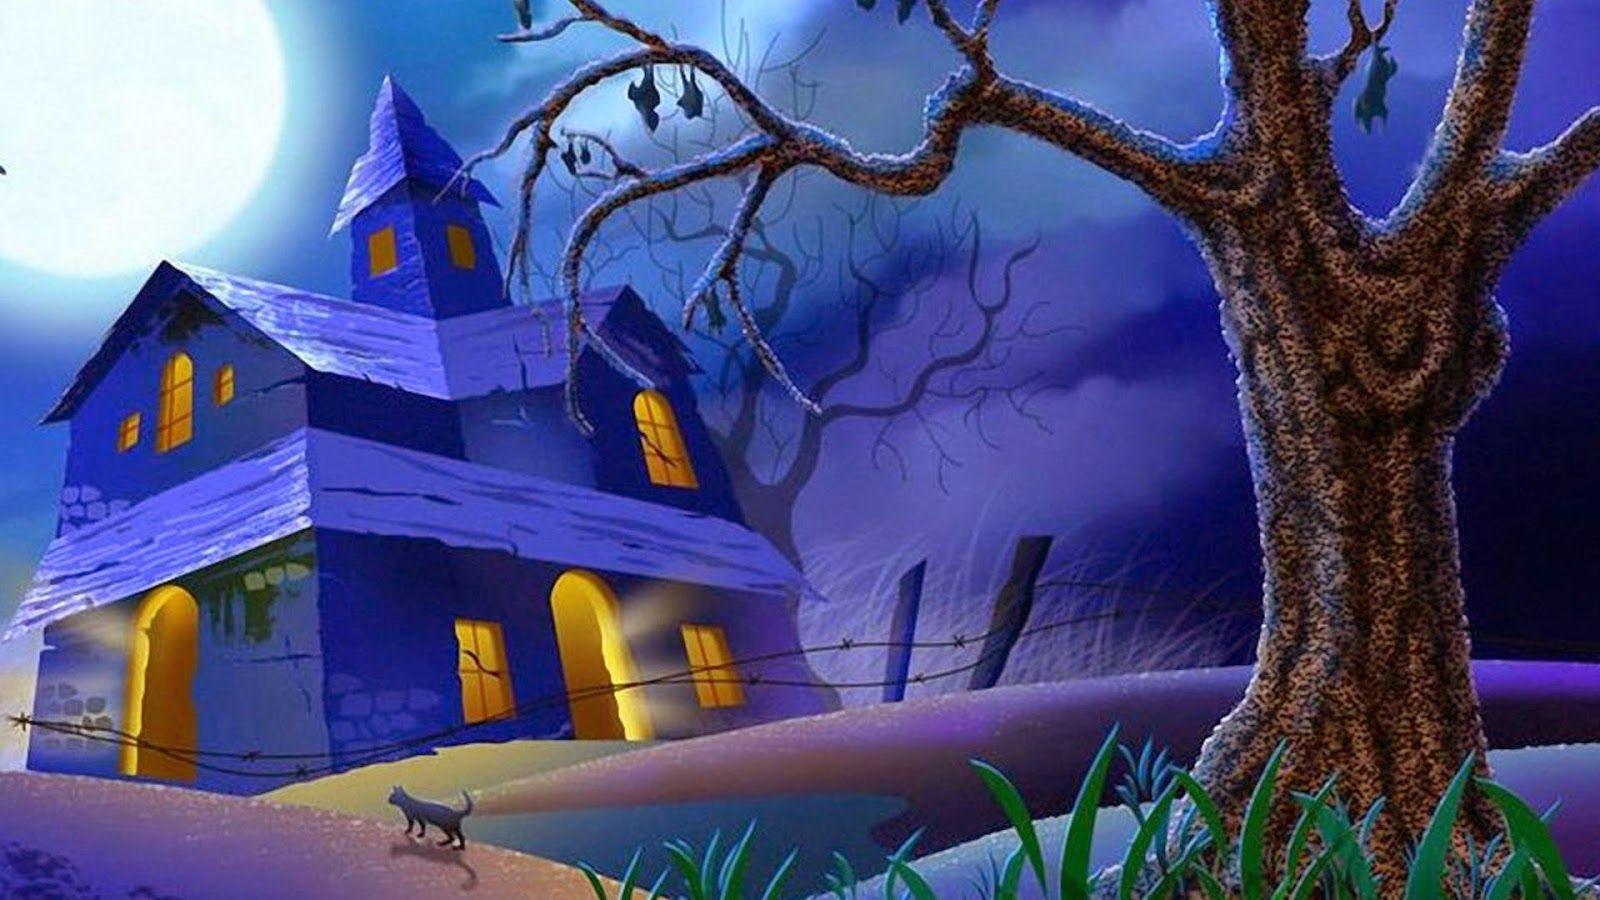 60 Amazing Halloween HD Wallpapers 1920x1080 2560x1600